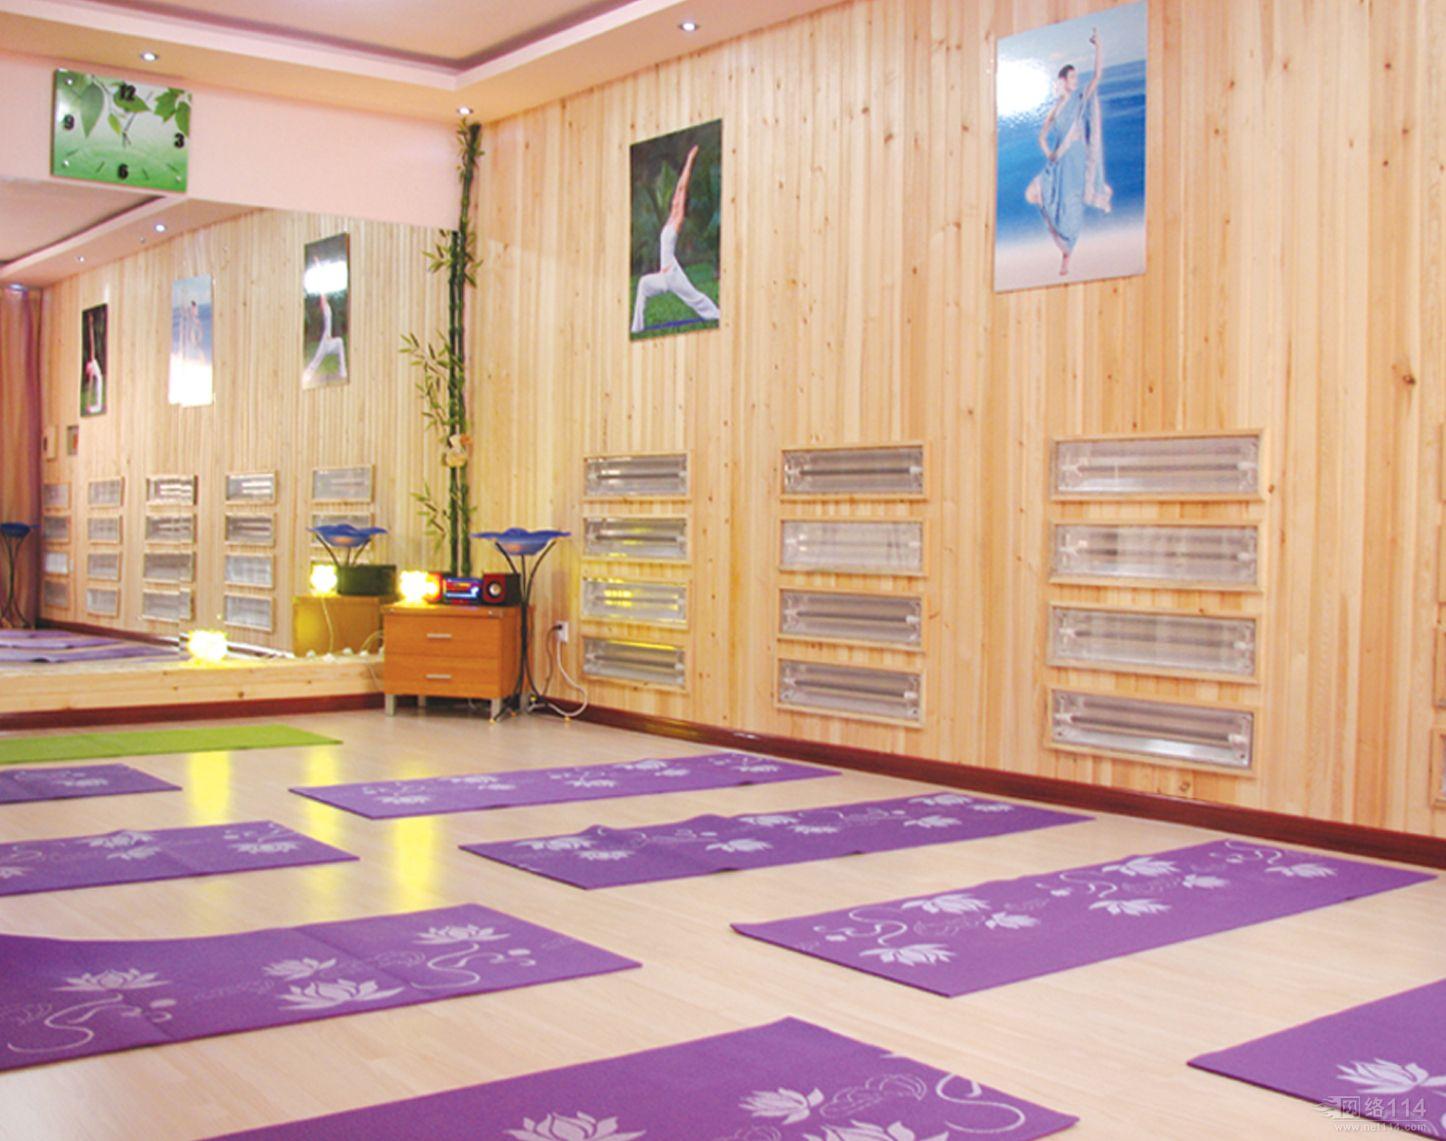 高温瑜伽房图片